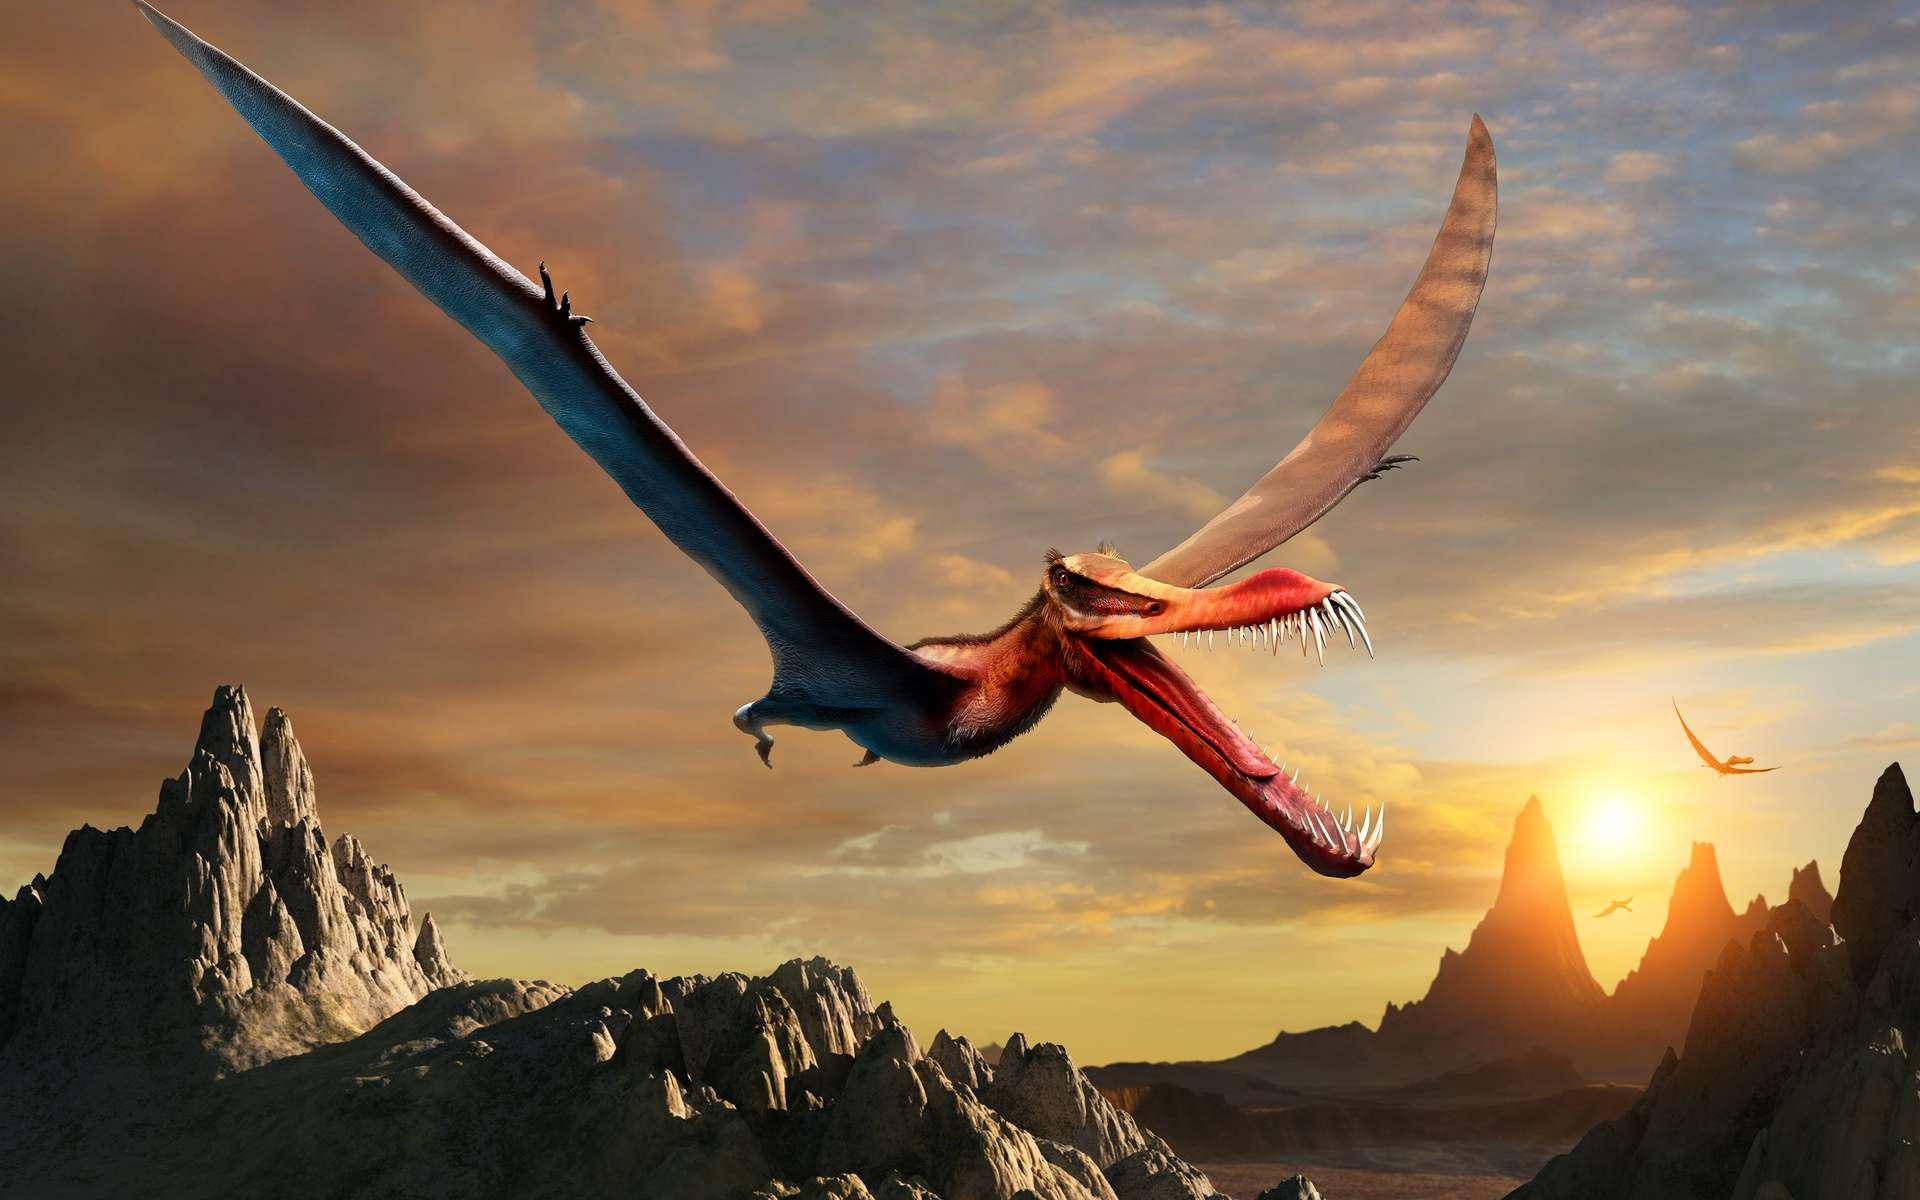 Les ptérosaures tels que cet Anhanguera occupaient le ciel il y a 66 à 228 millions d'années en arrière. © warpaintcobra, Adobe Stock